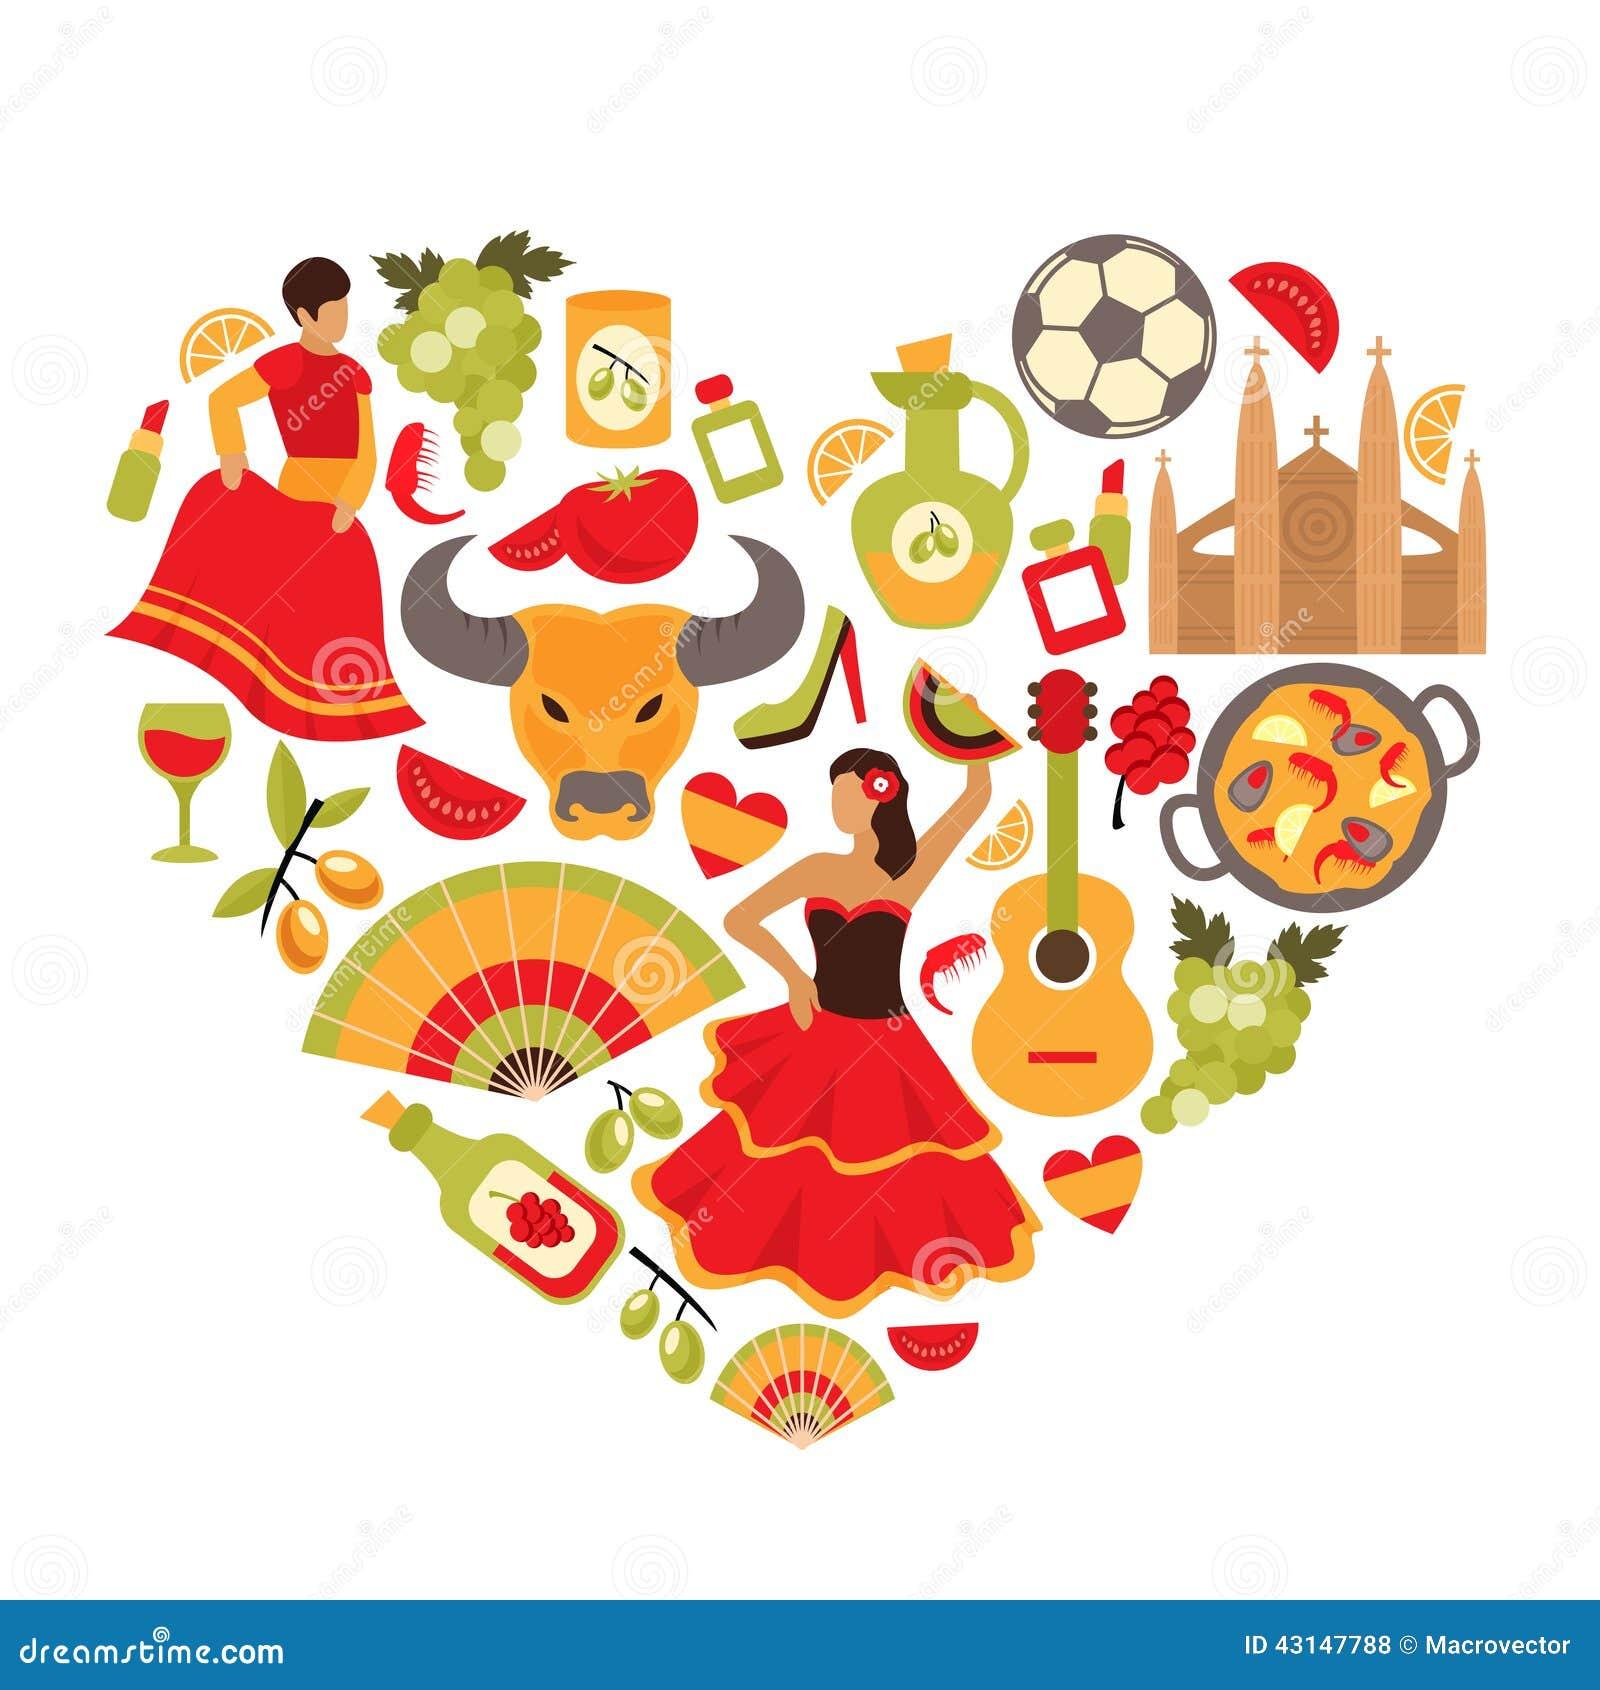 装饰西班牙文化传统佛拉明柯舞曲舞蹈食物葡萄树象征心脏形状印刷品图片